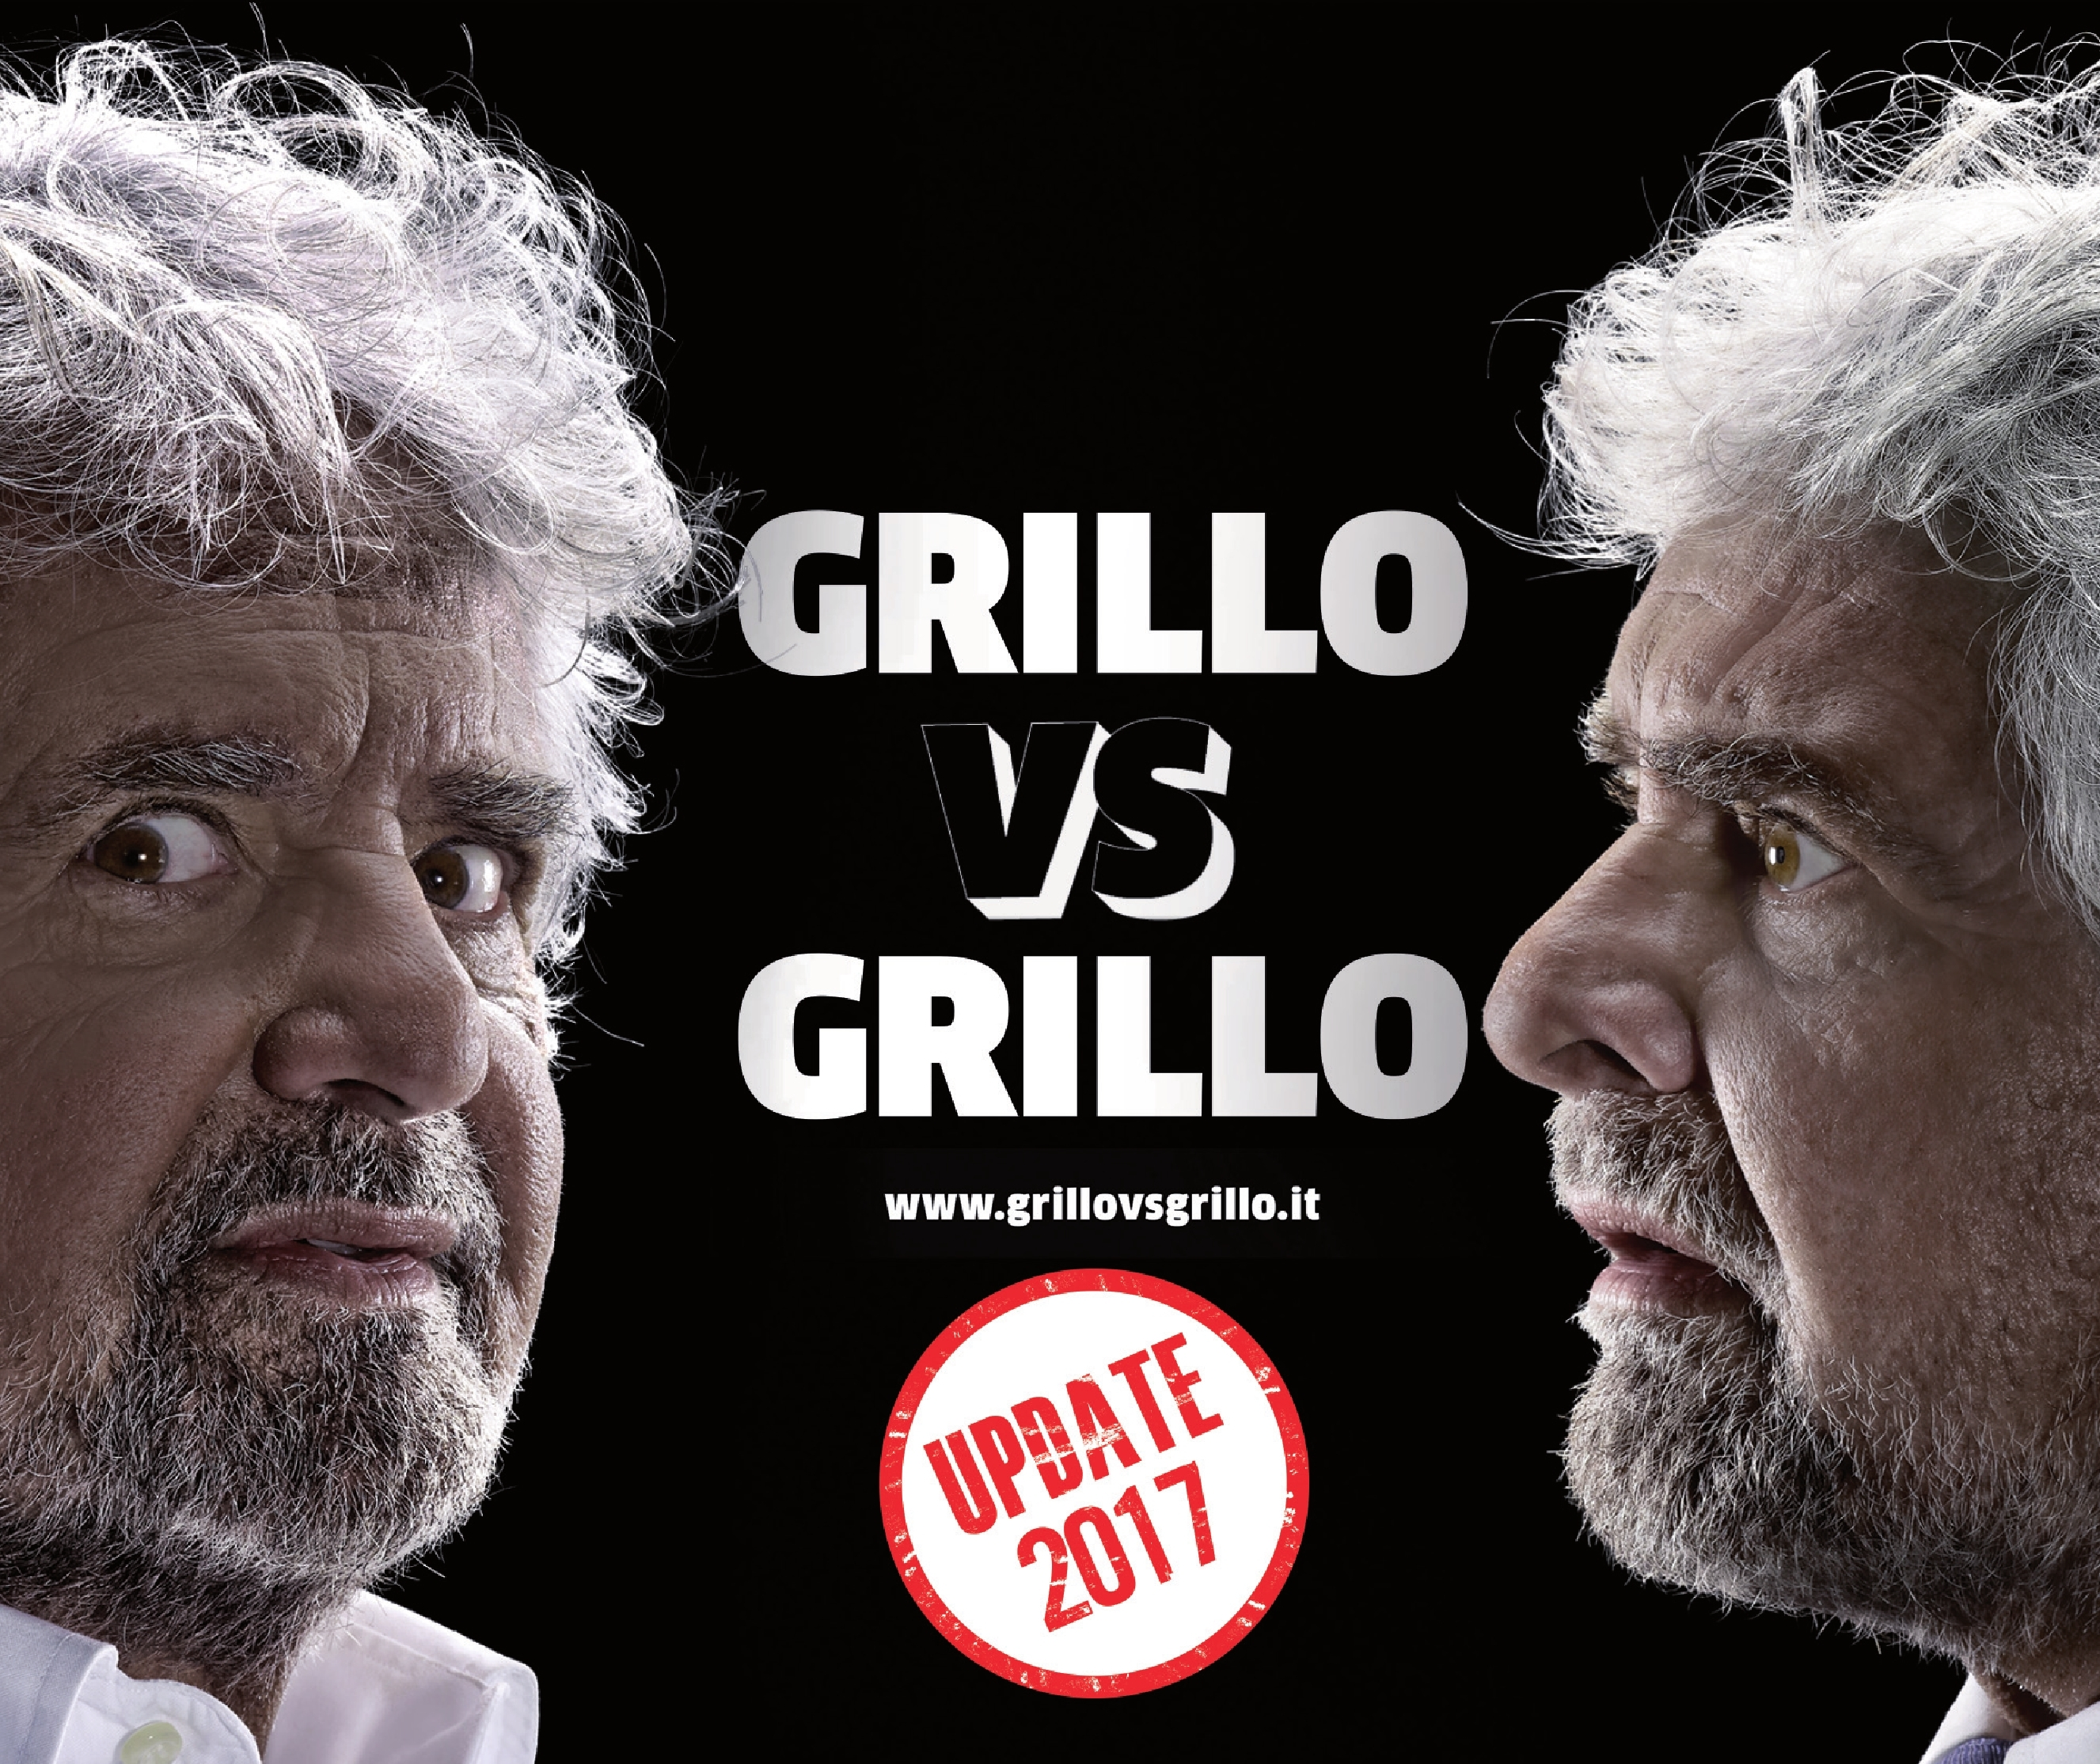 Grillo vs Grillo a Livorno!